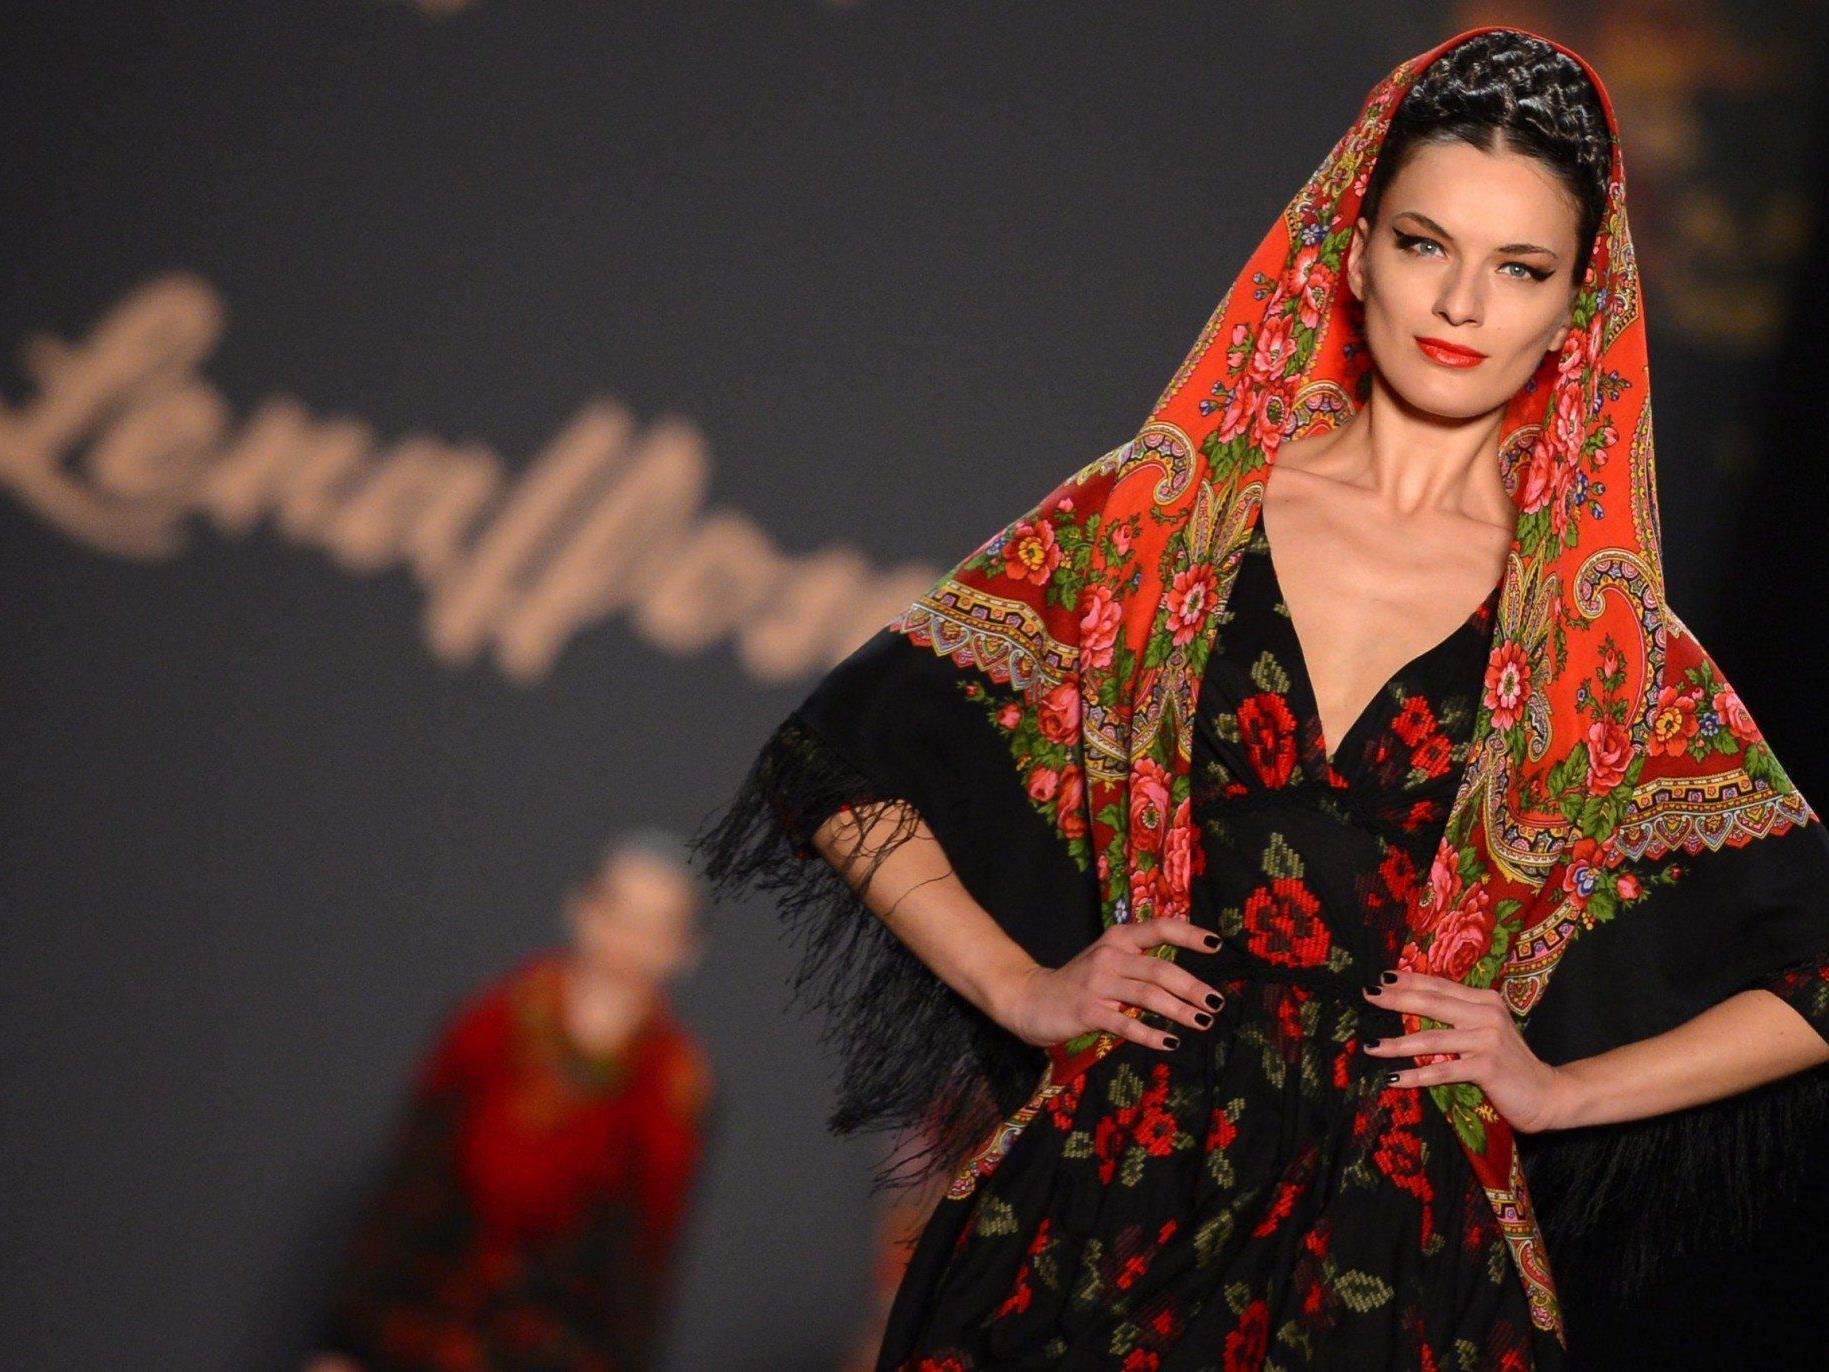 12. Berliner Modewoche: Show von Lena Hoschek fand im Anschluss an Eröffnungsschauen statt.